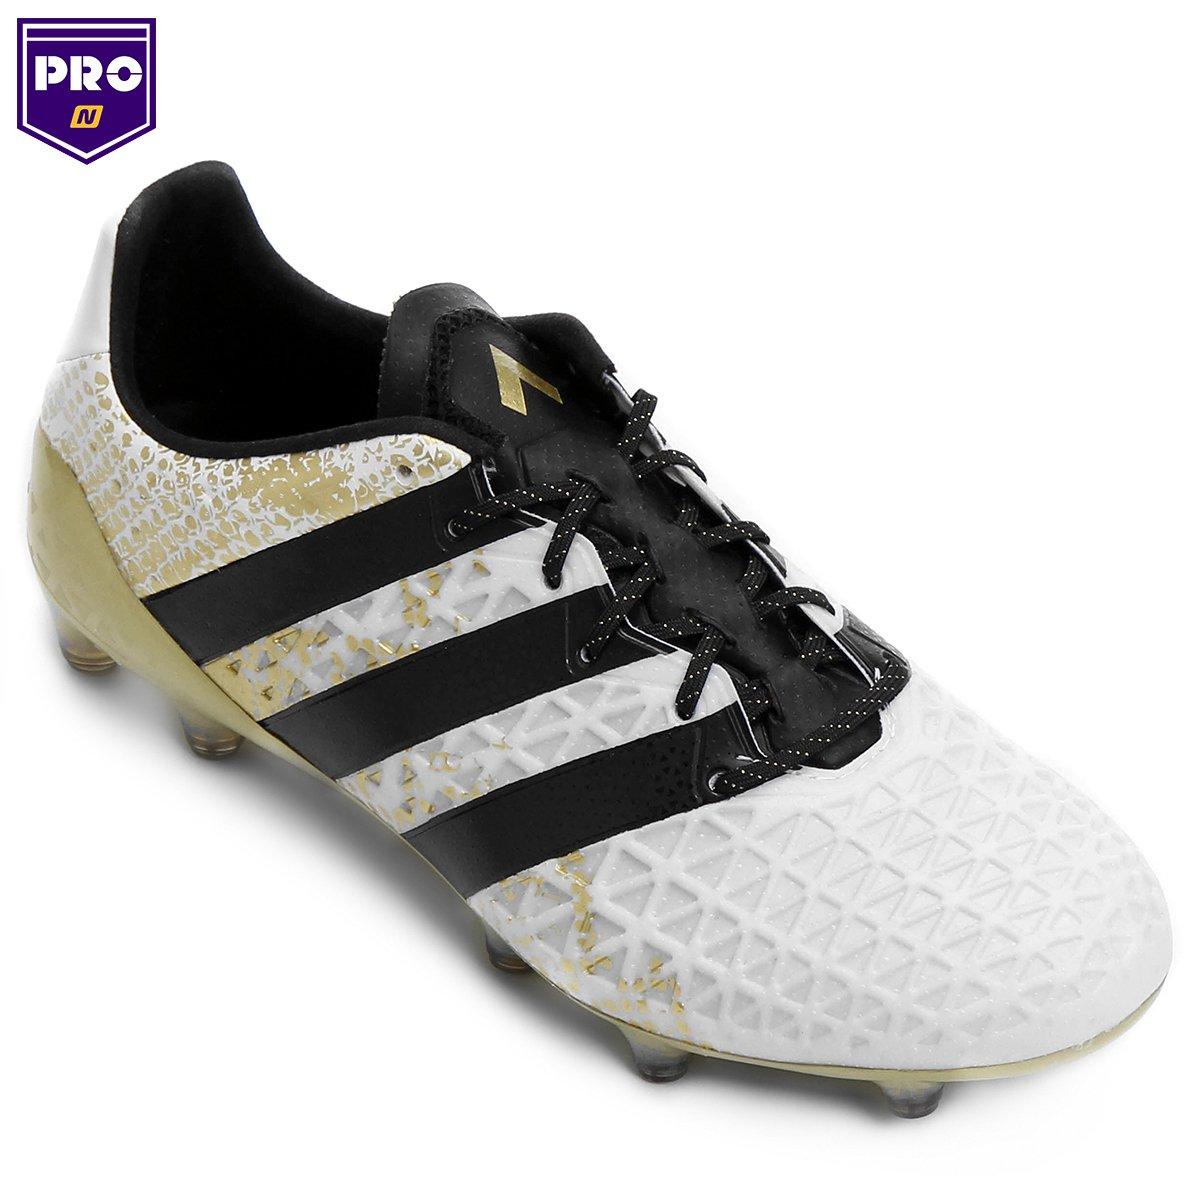 Chuteira Campo Adidas Ace 16.1 FG - Branco e Preto - Compre Agora ... 8d258b6e2cd18